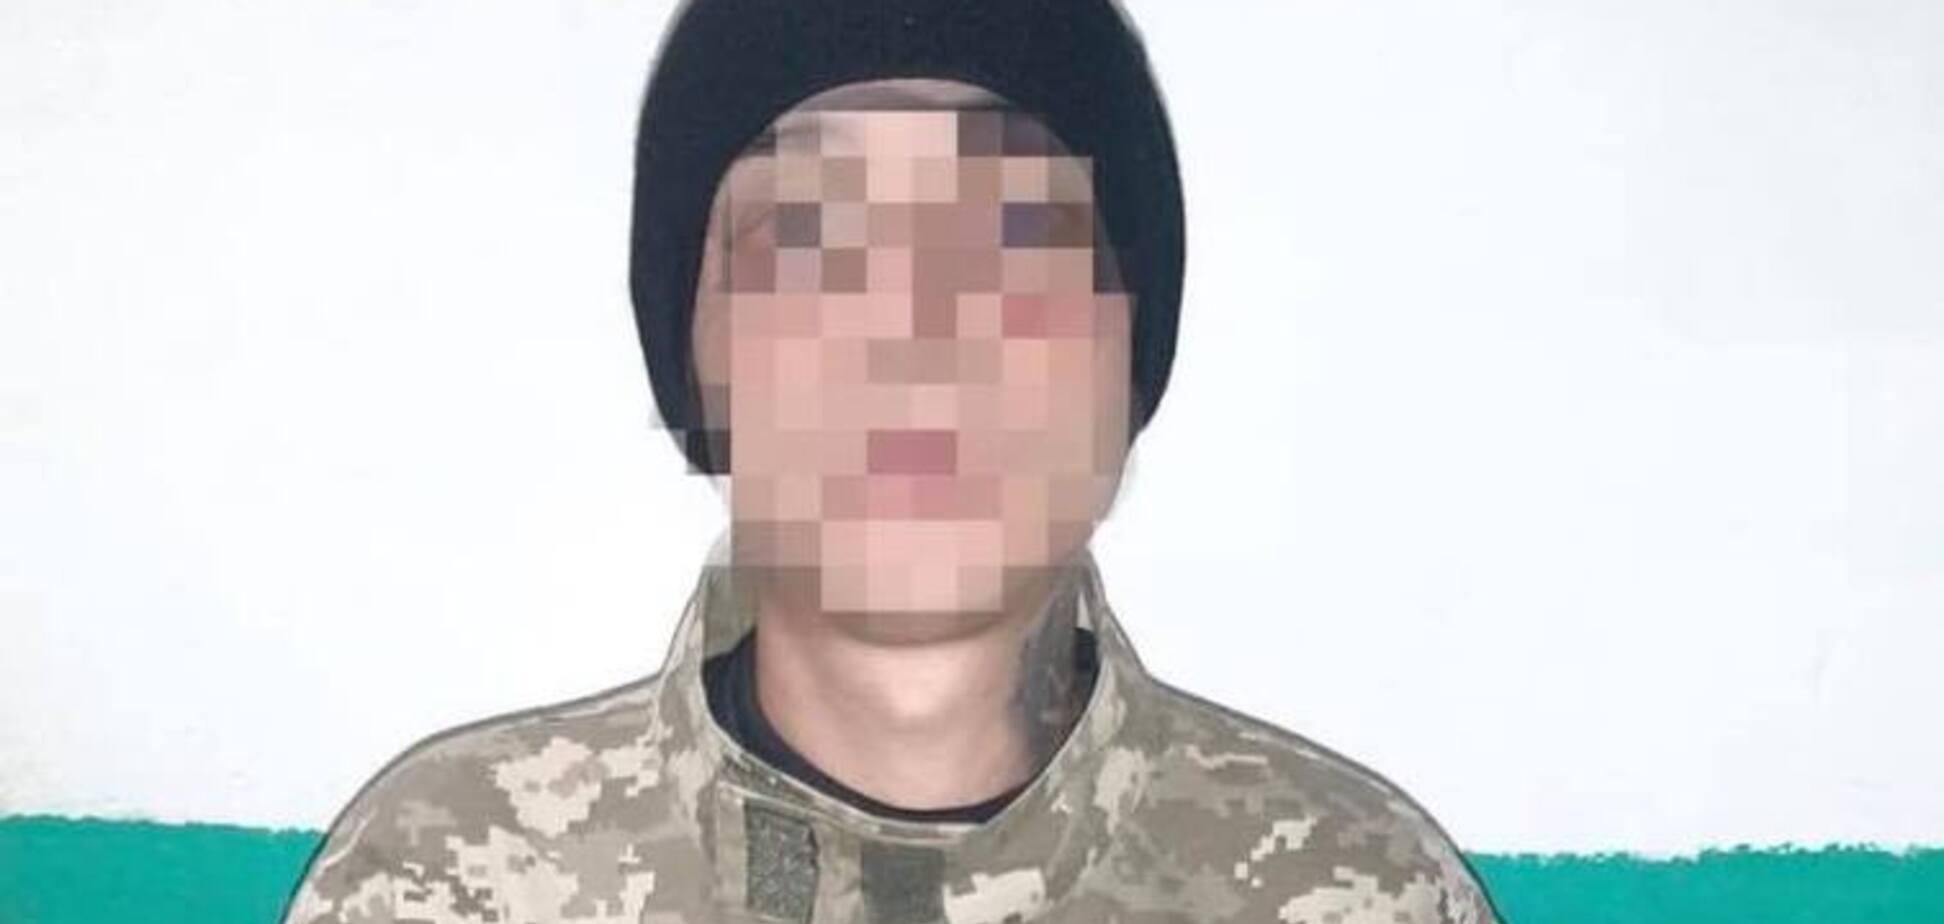 Проносив пакунками: тюремник на Черкащині продавав ув'язненим наркотики. Фото